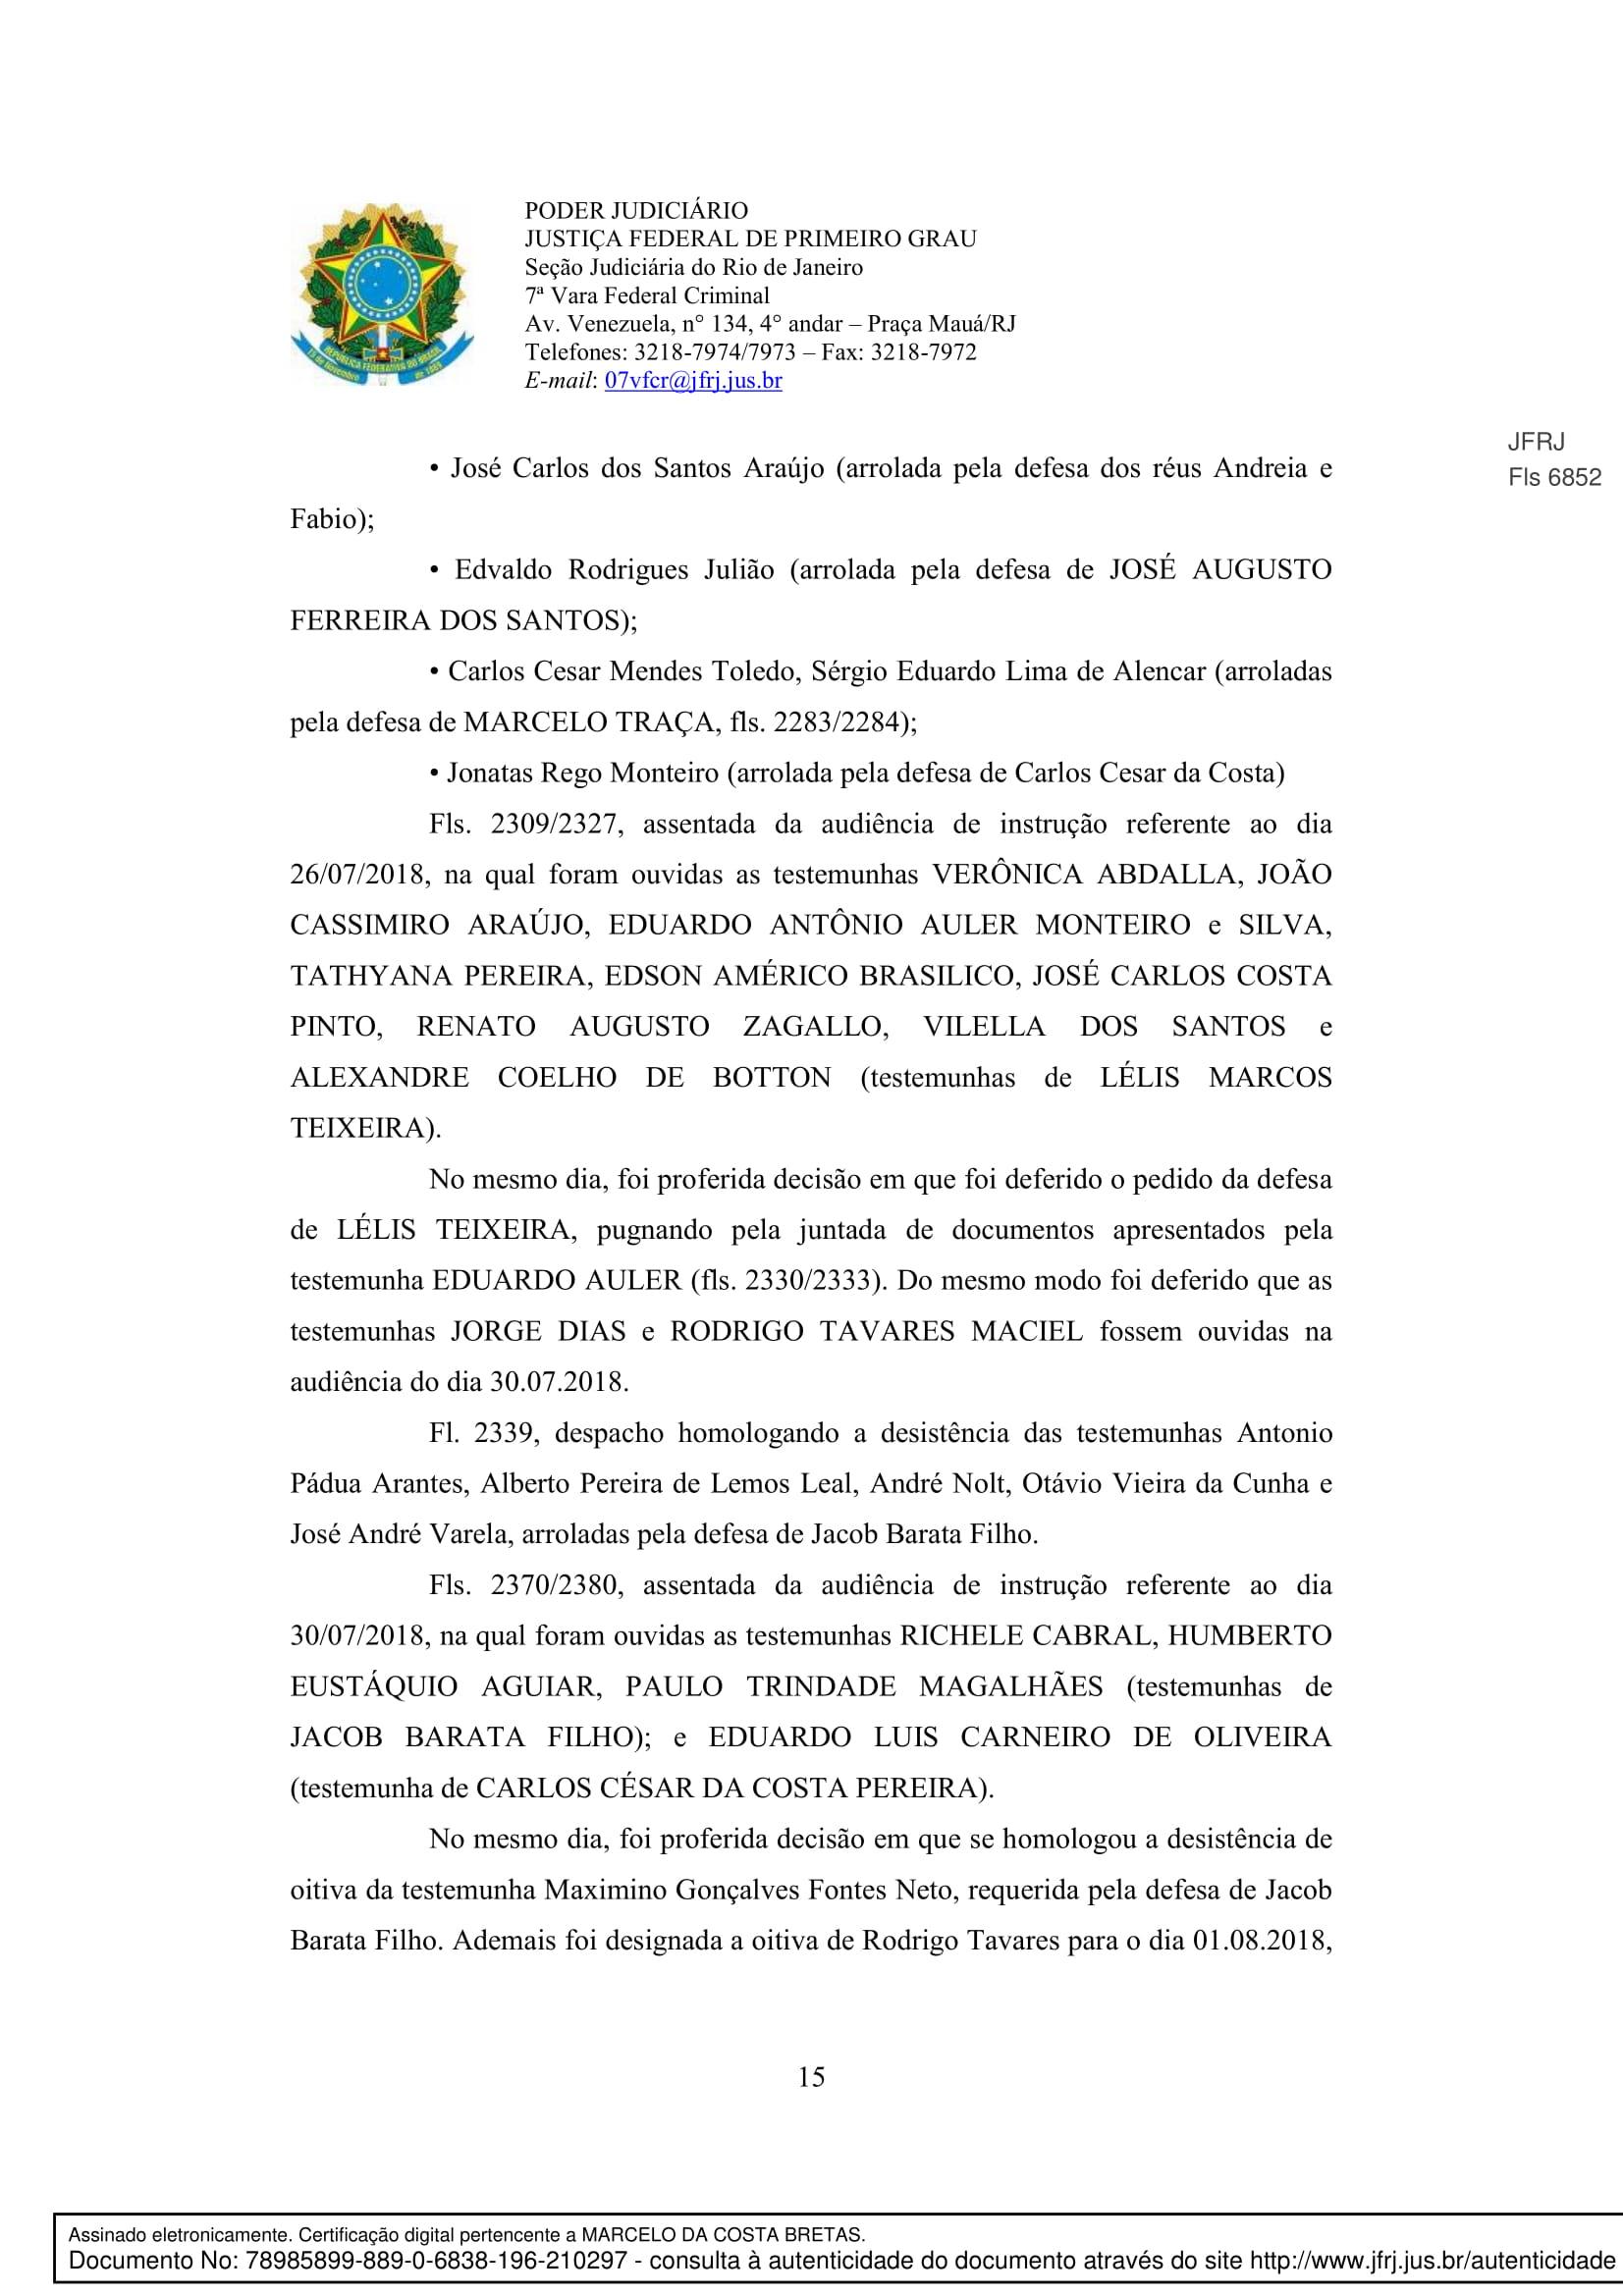 Sentenca-Cadeia-Velha-7VFC-015